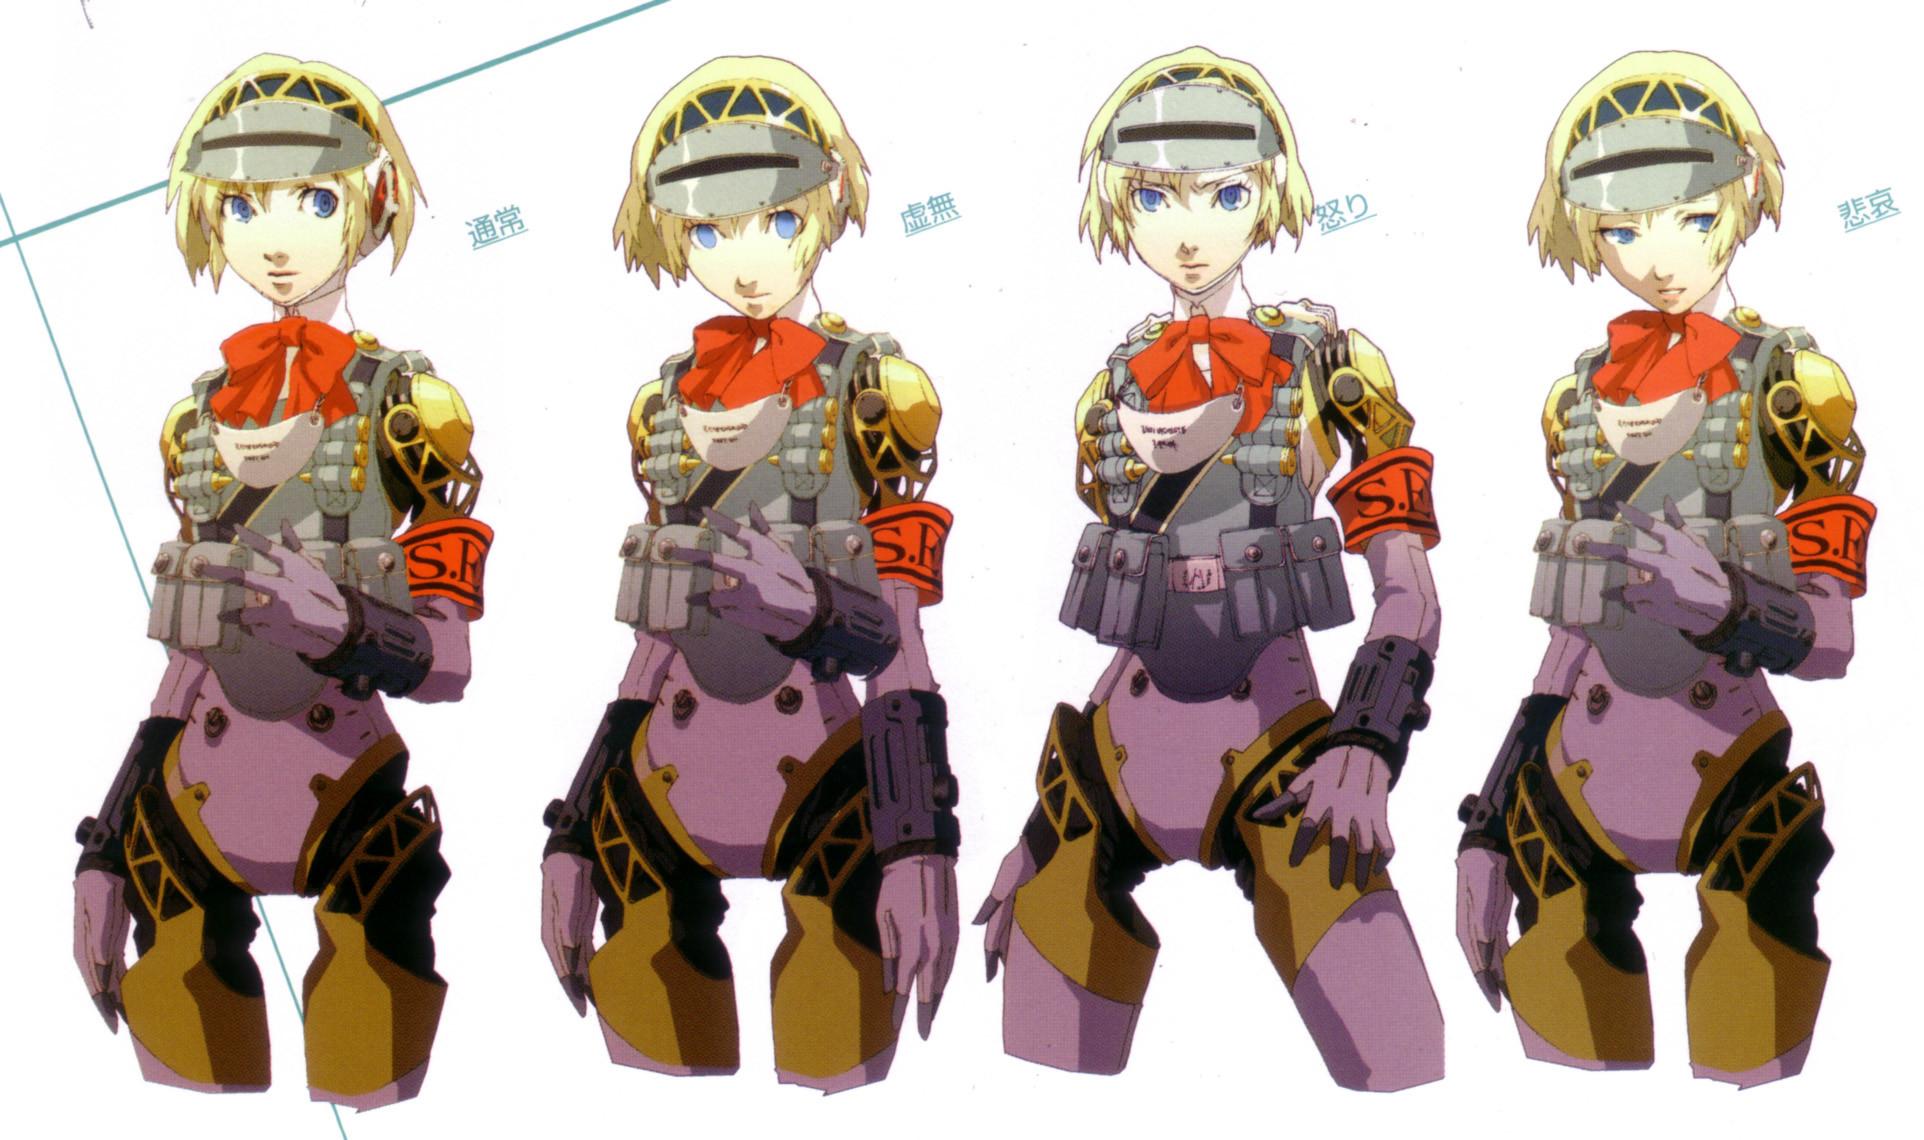 Persona 3 Megami Tensei Wiki Fandom powered by Wikia